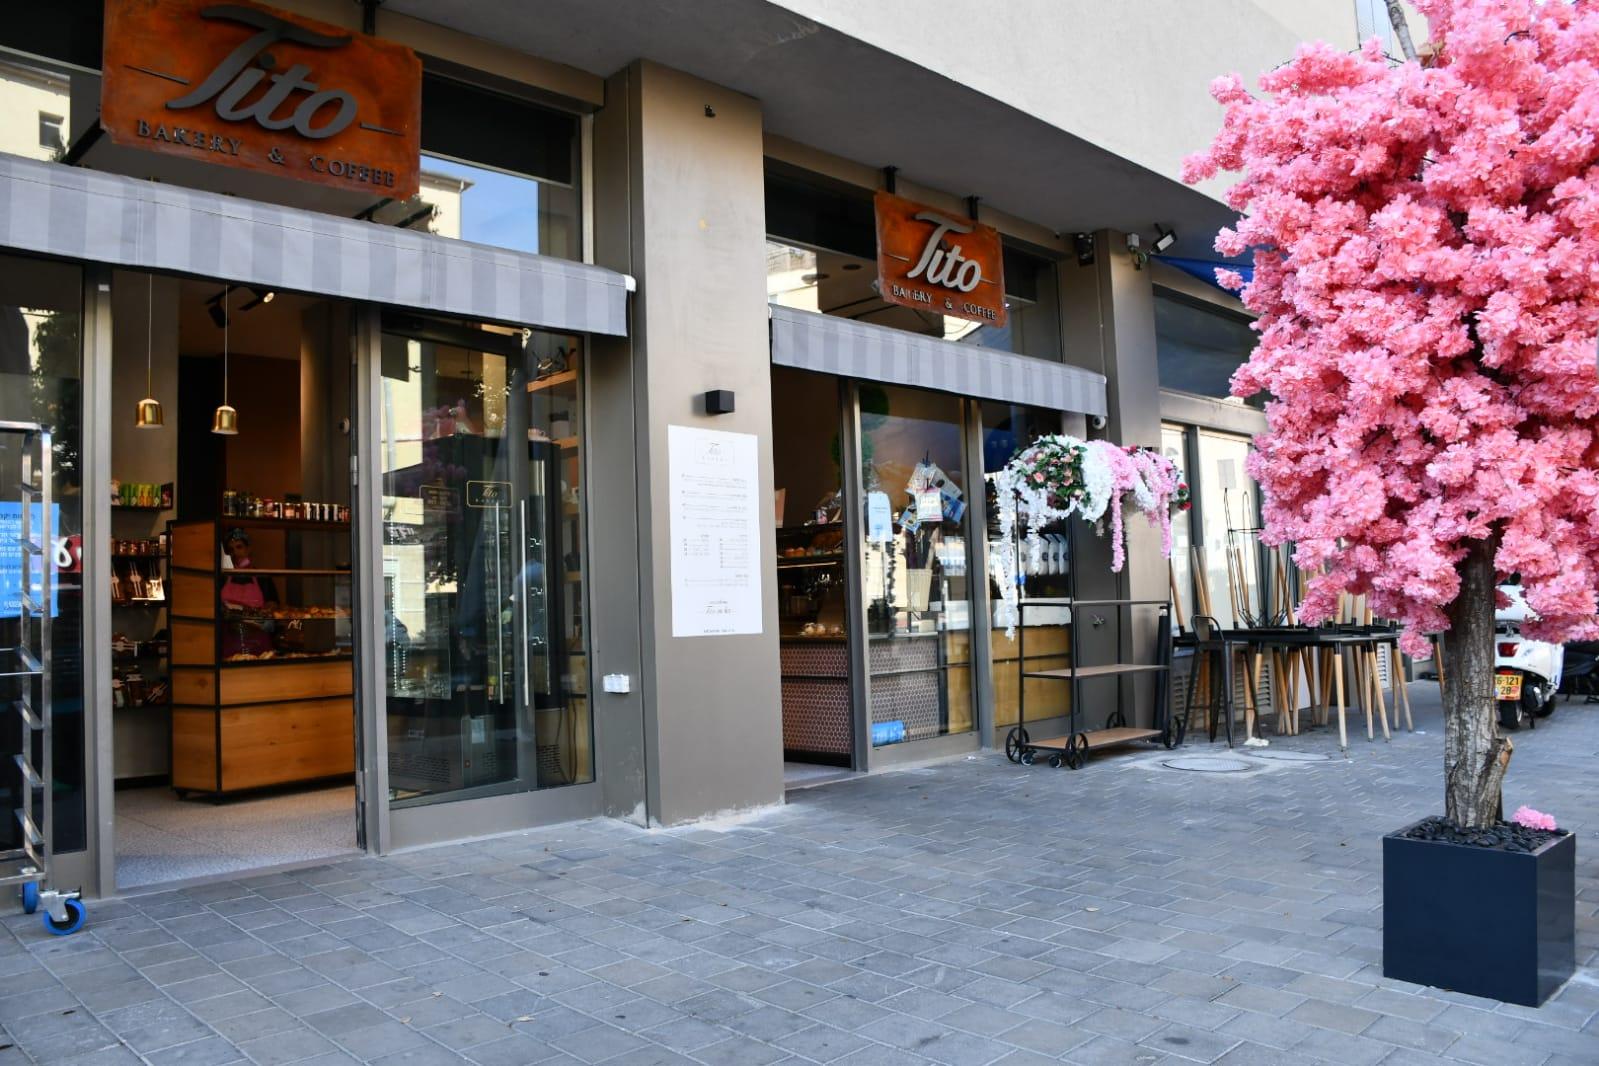 اليوم: مقهى تيتو بيافا يفتح أبوابه مع مفاجآت جديدة